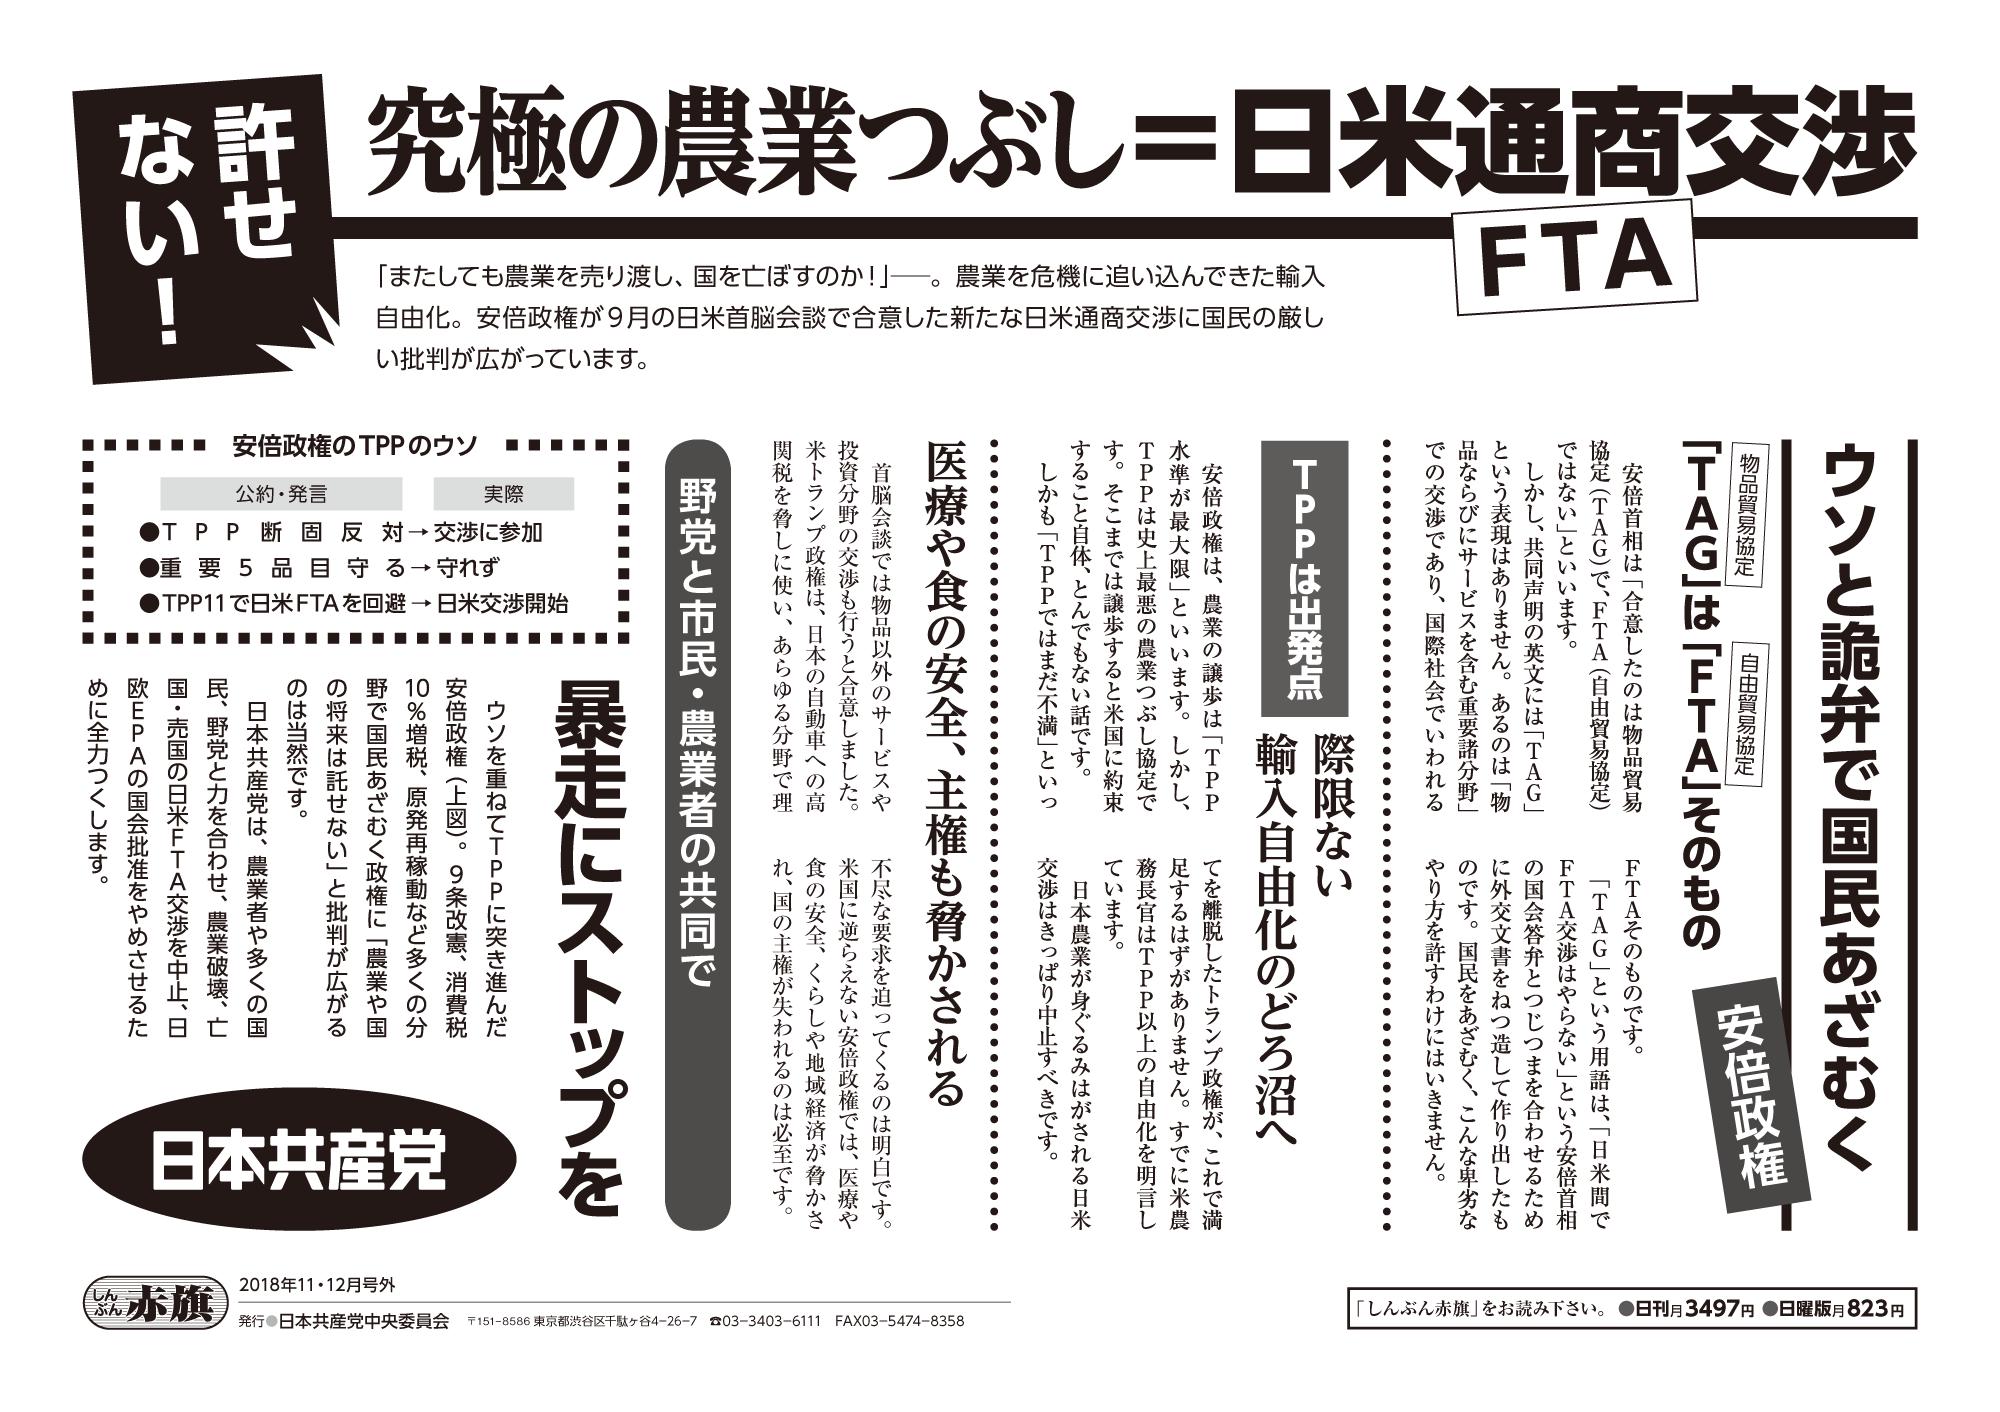 許せない!究極の農業つぶし=日米通商交渉(FTA)